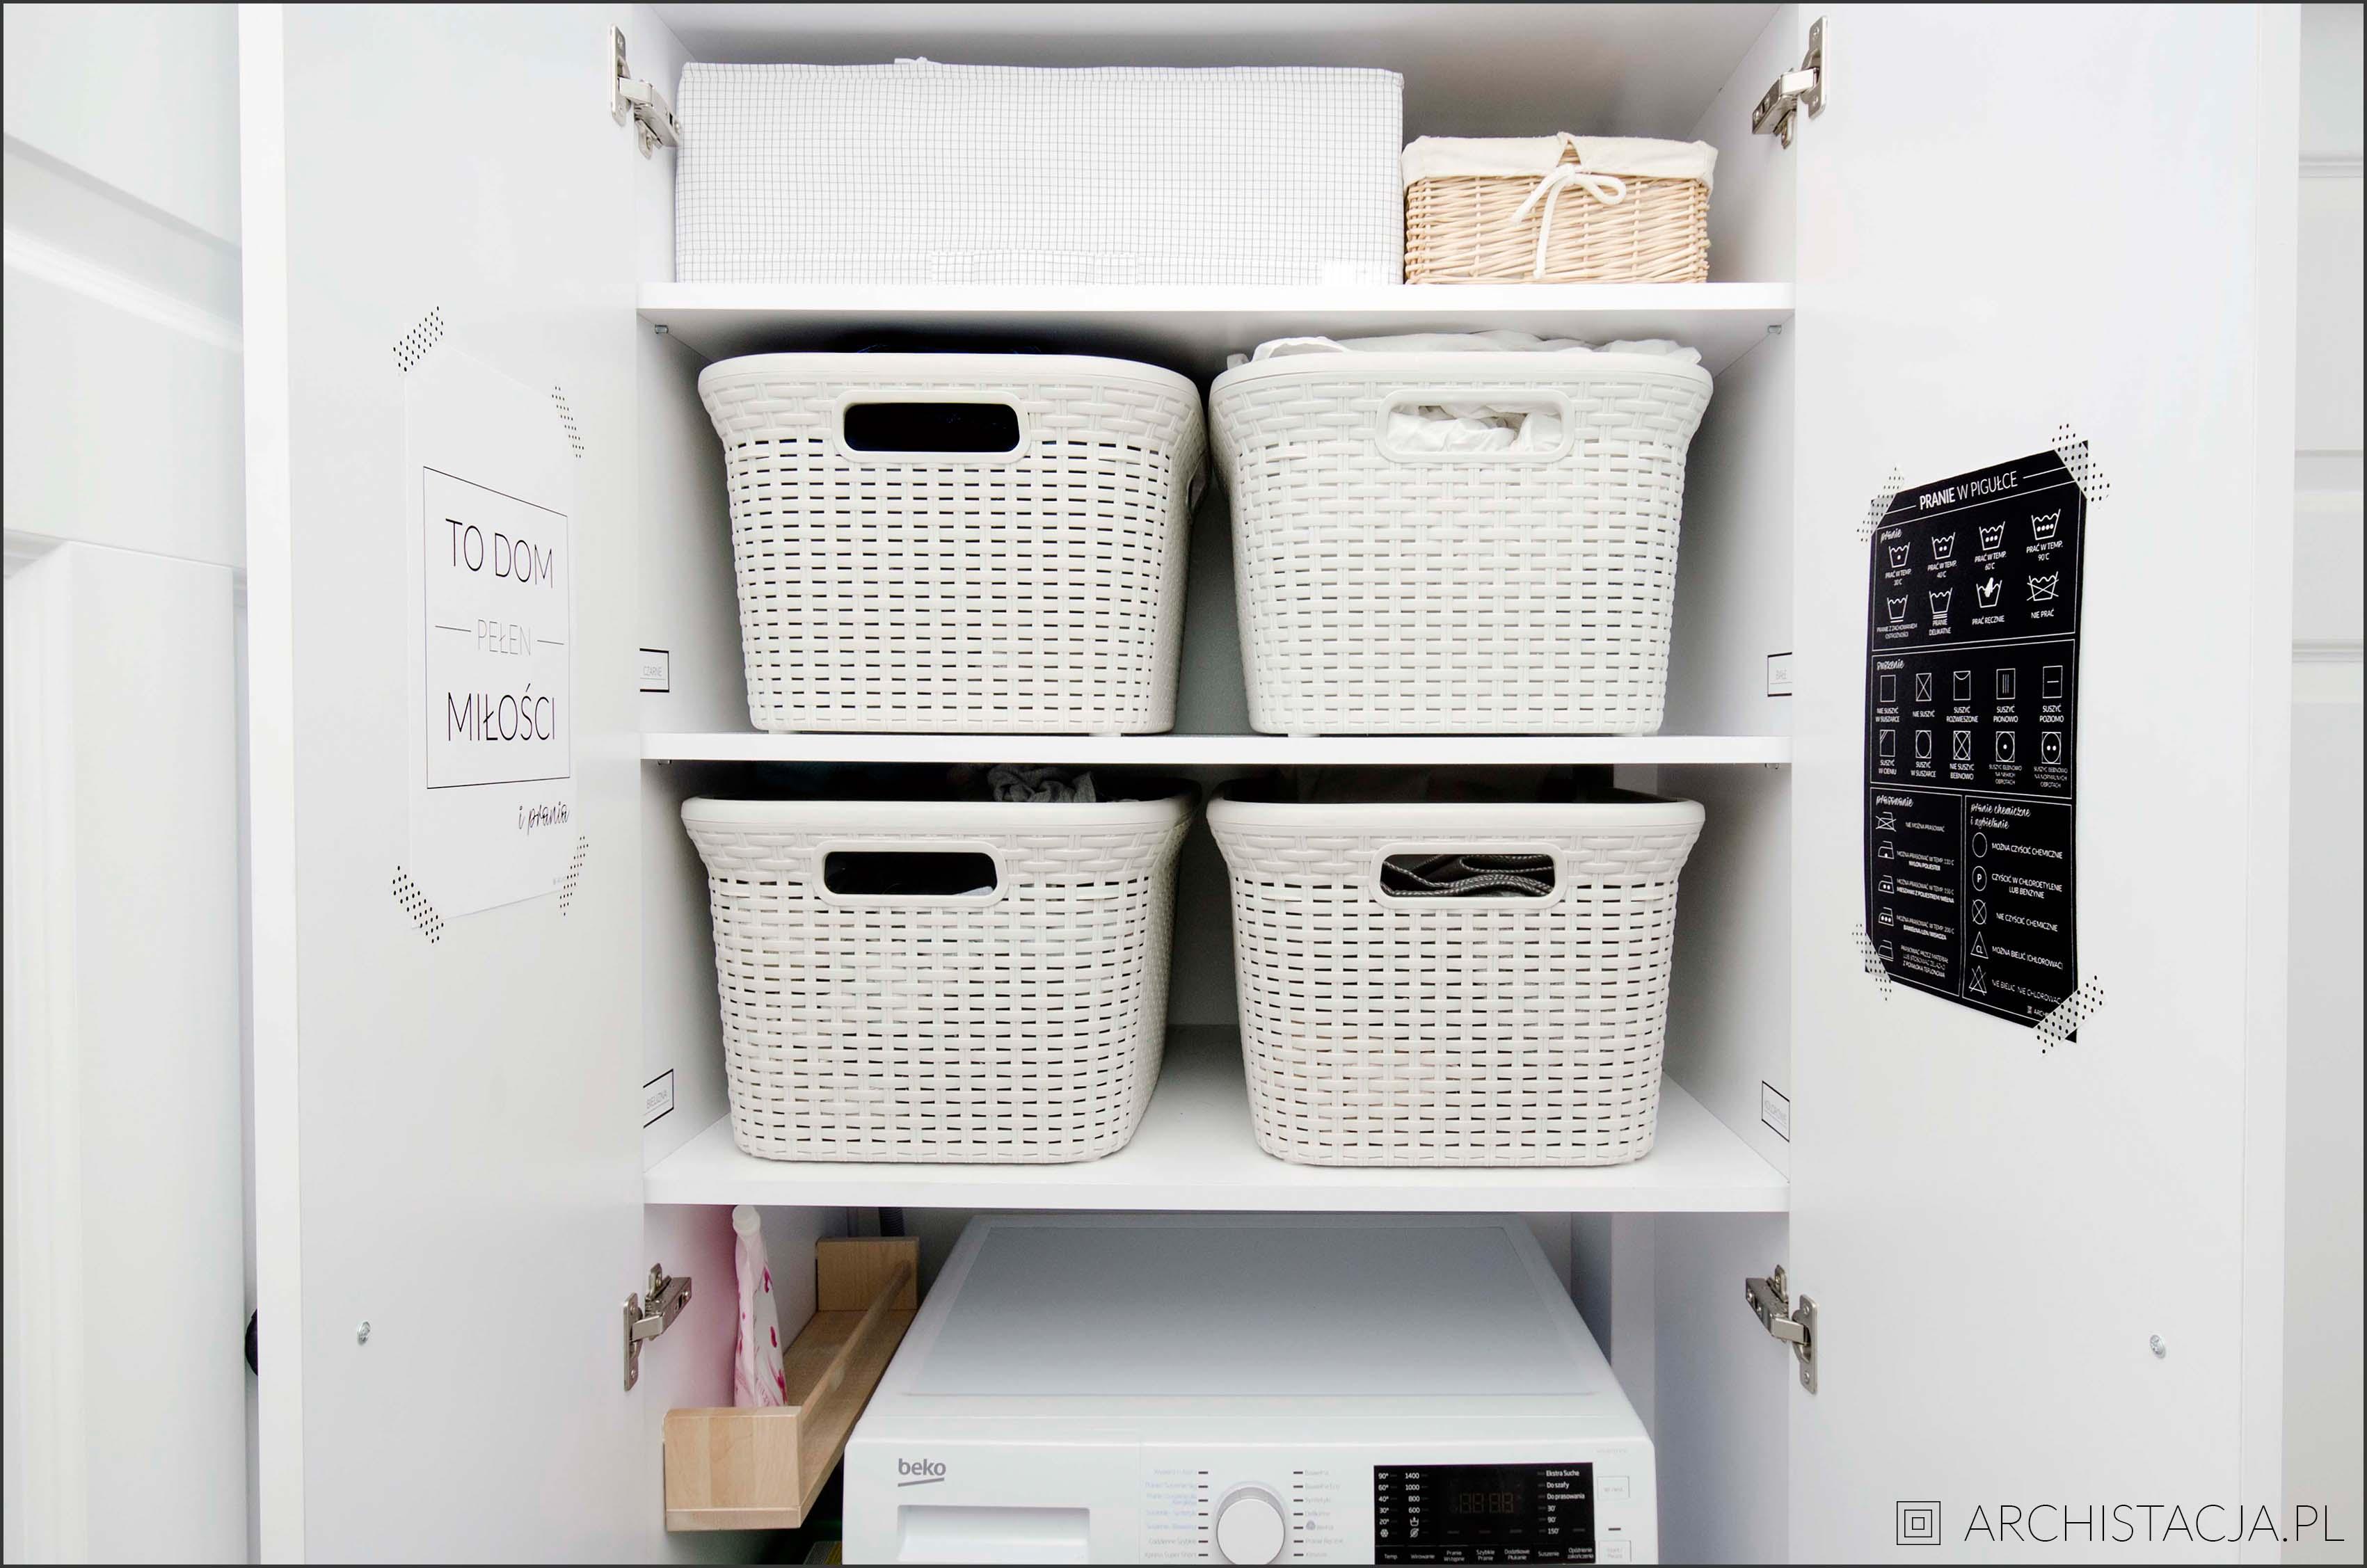 AKCJA ORGANIZACJA - moja mini pralnia | etykietki i plakaty do druku